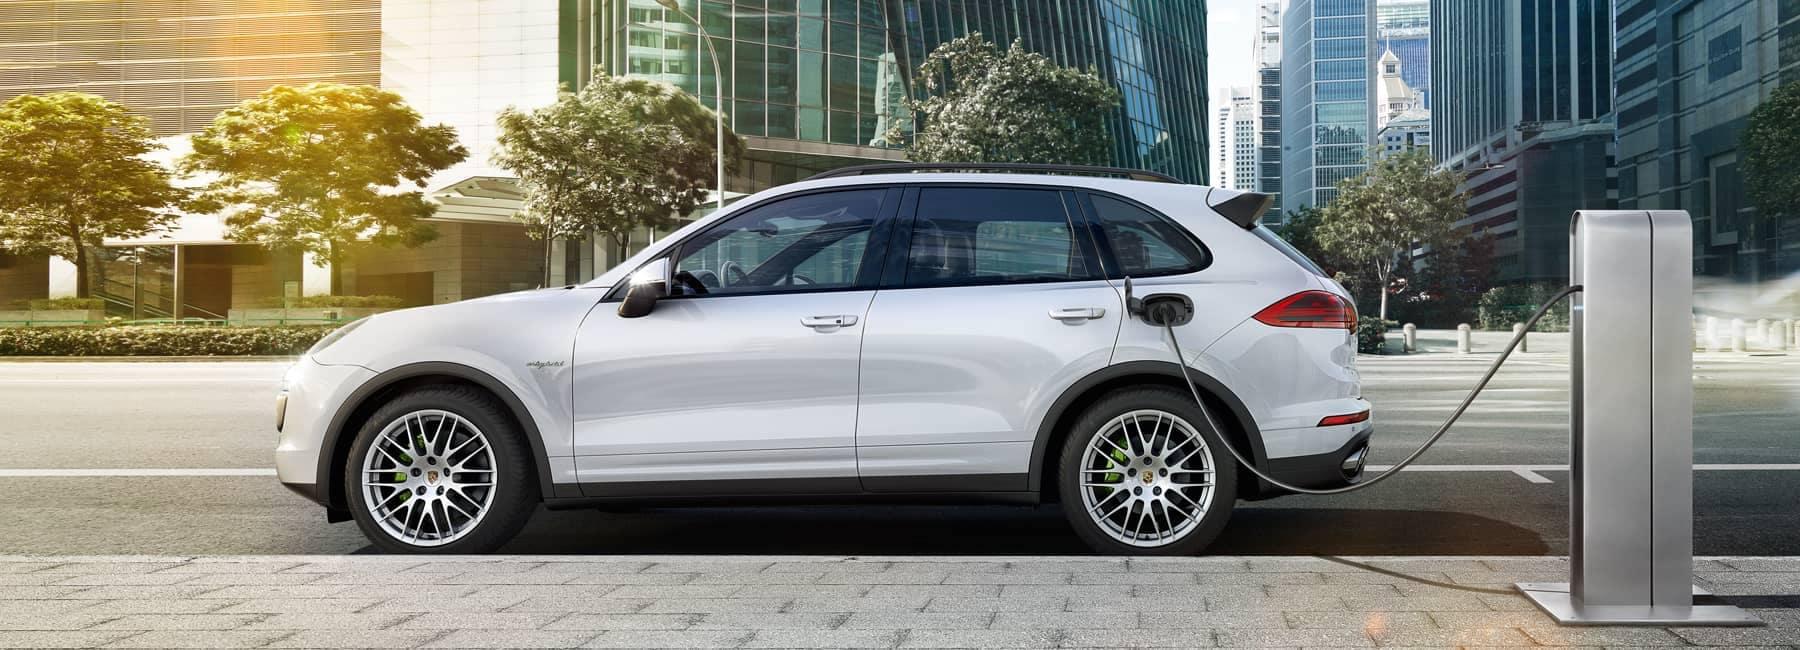 2018 porsche cayenne e-hybrid s platinum edition mpg